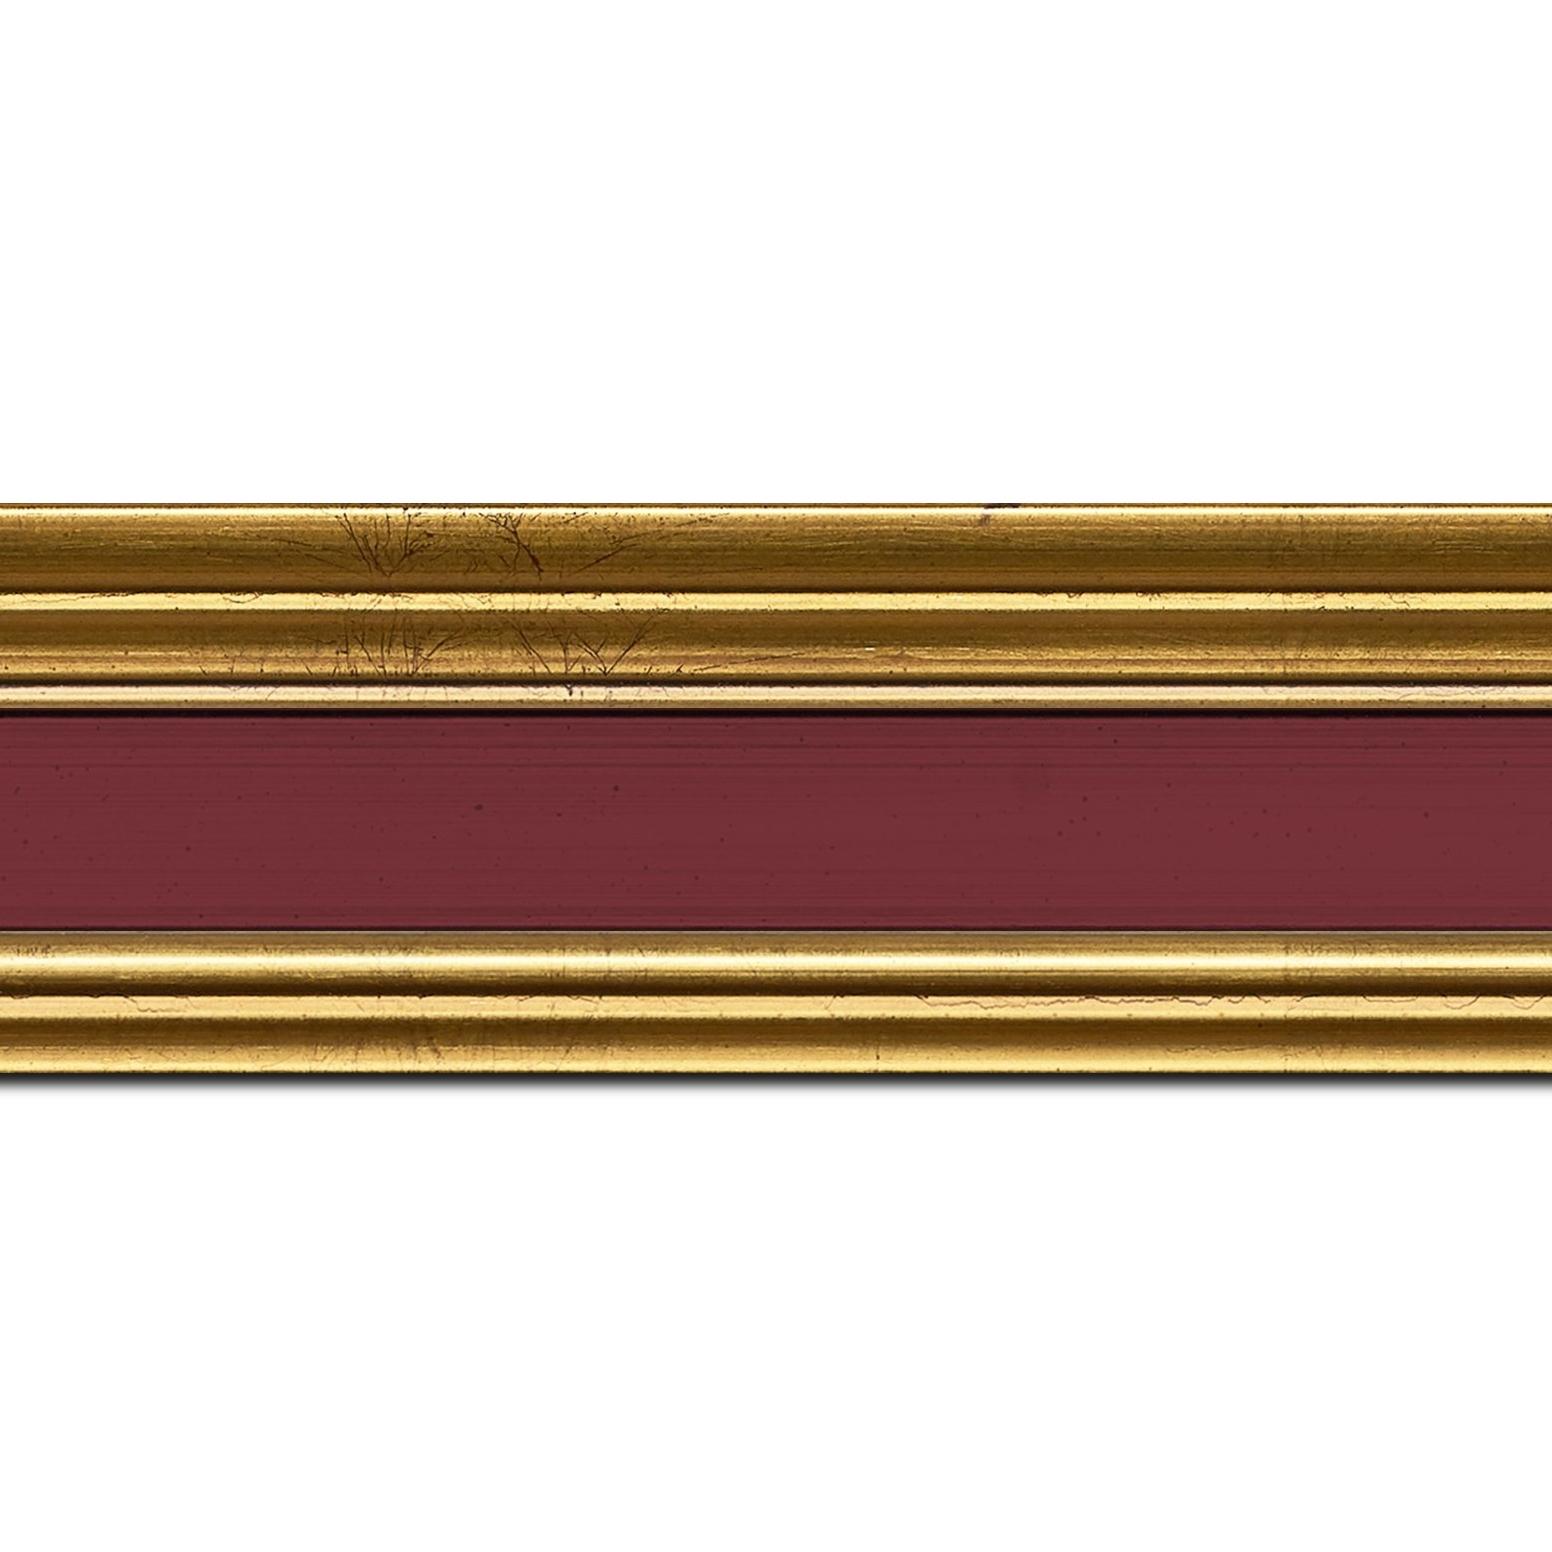 Baguette longueur 1.40m bois profil braque largeur 5.2cm or patiné gorge bordeaux antique